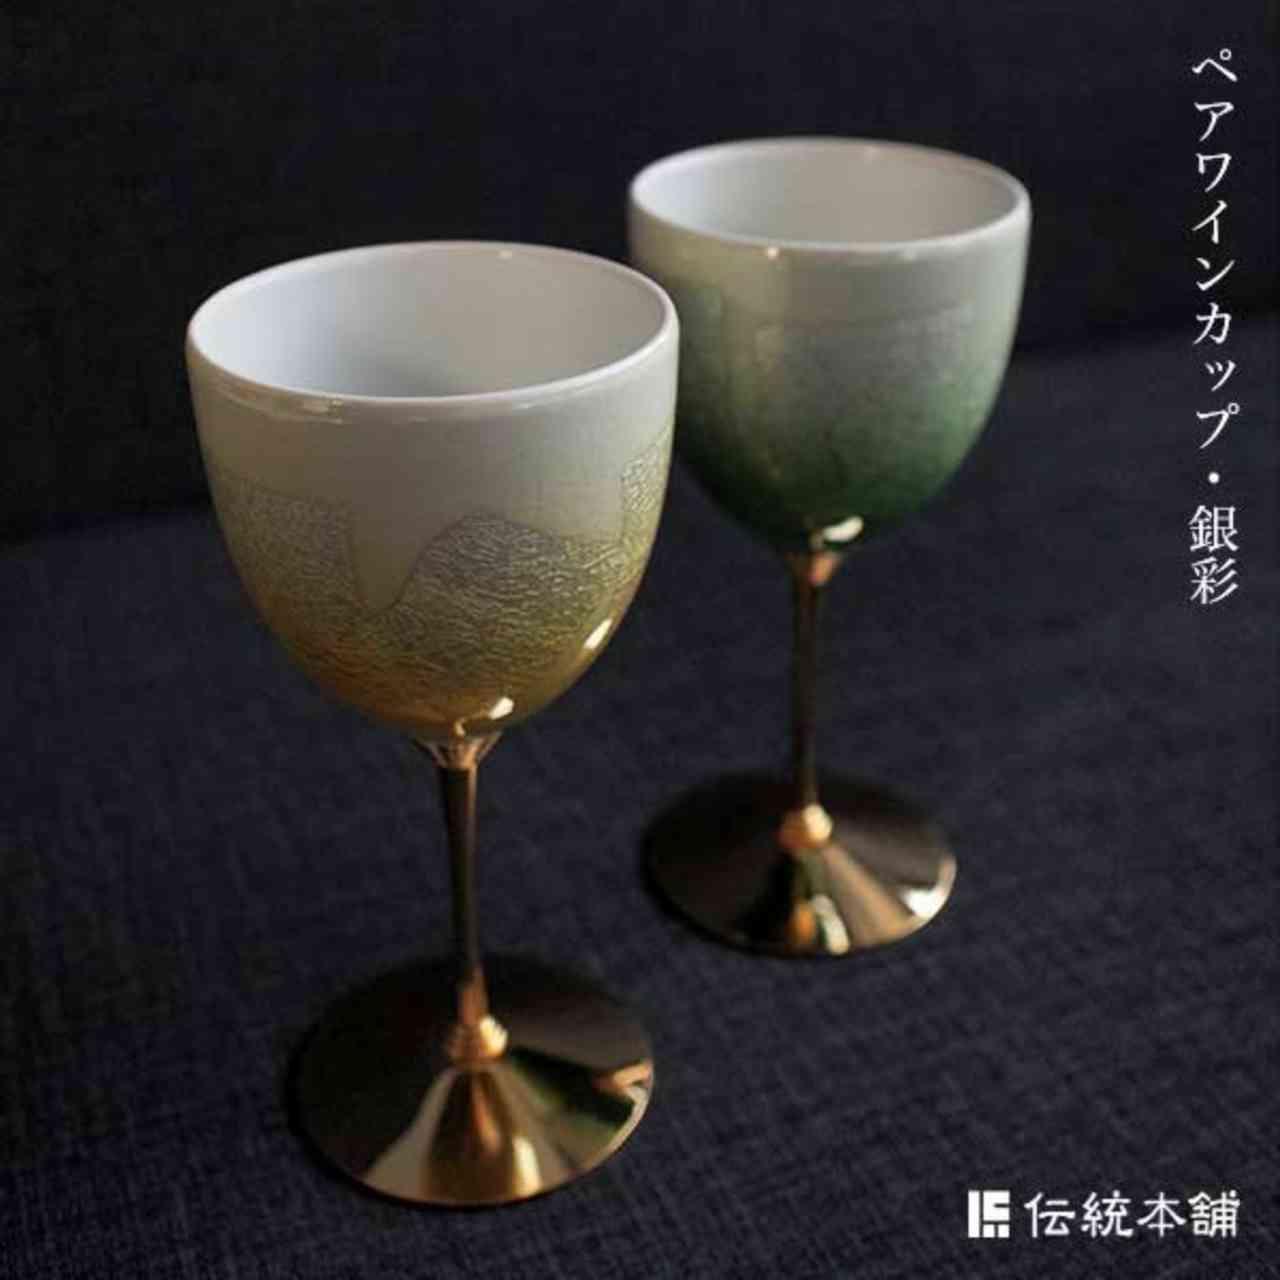 銀泊が彩るグラデーションが多彩な表情を魅せる「九谷焼 ワインカップ 銀彩」